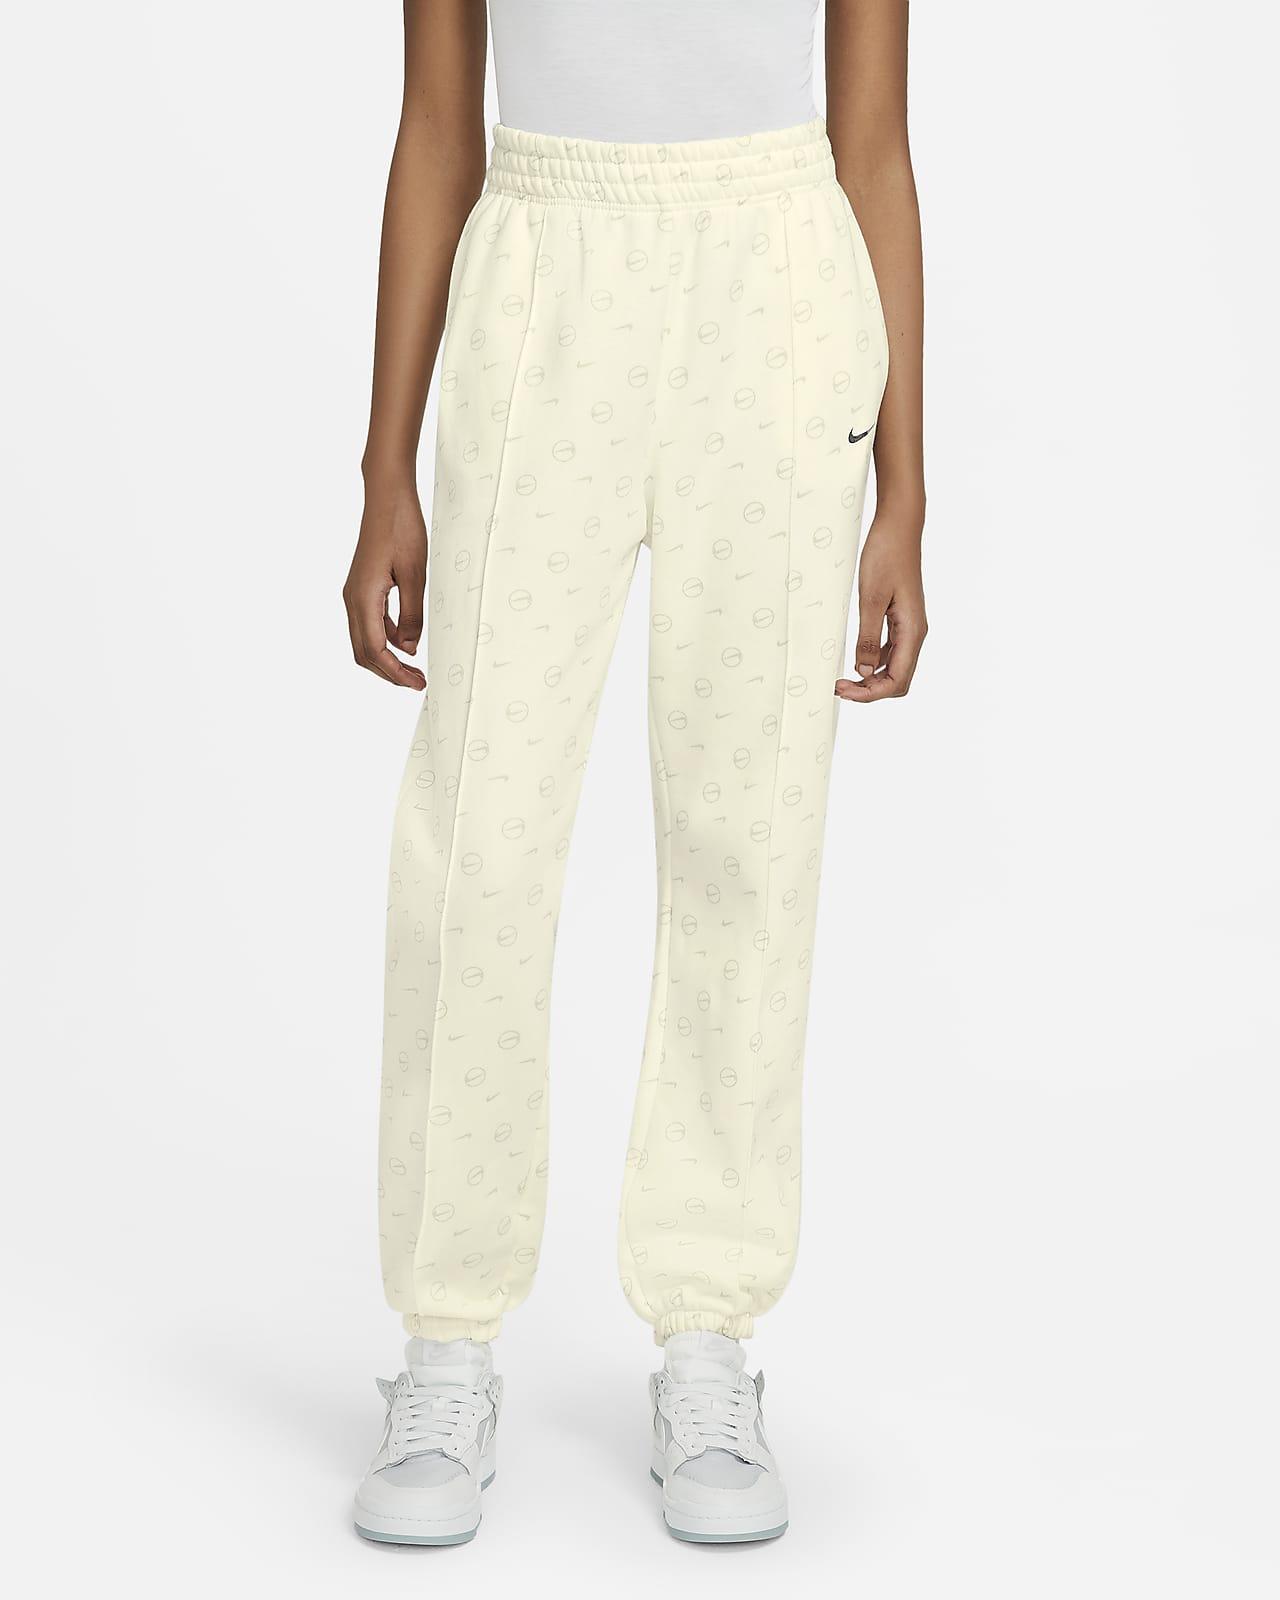 Calças estampadas Nike Sportswear para mulher